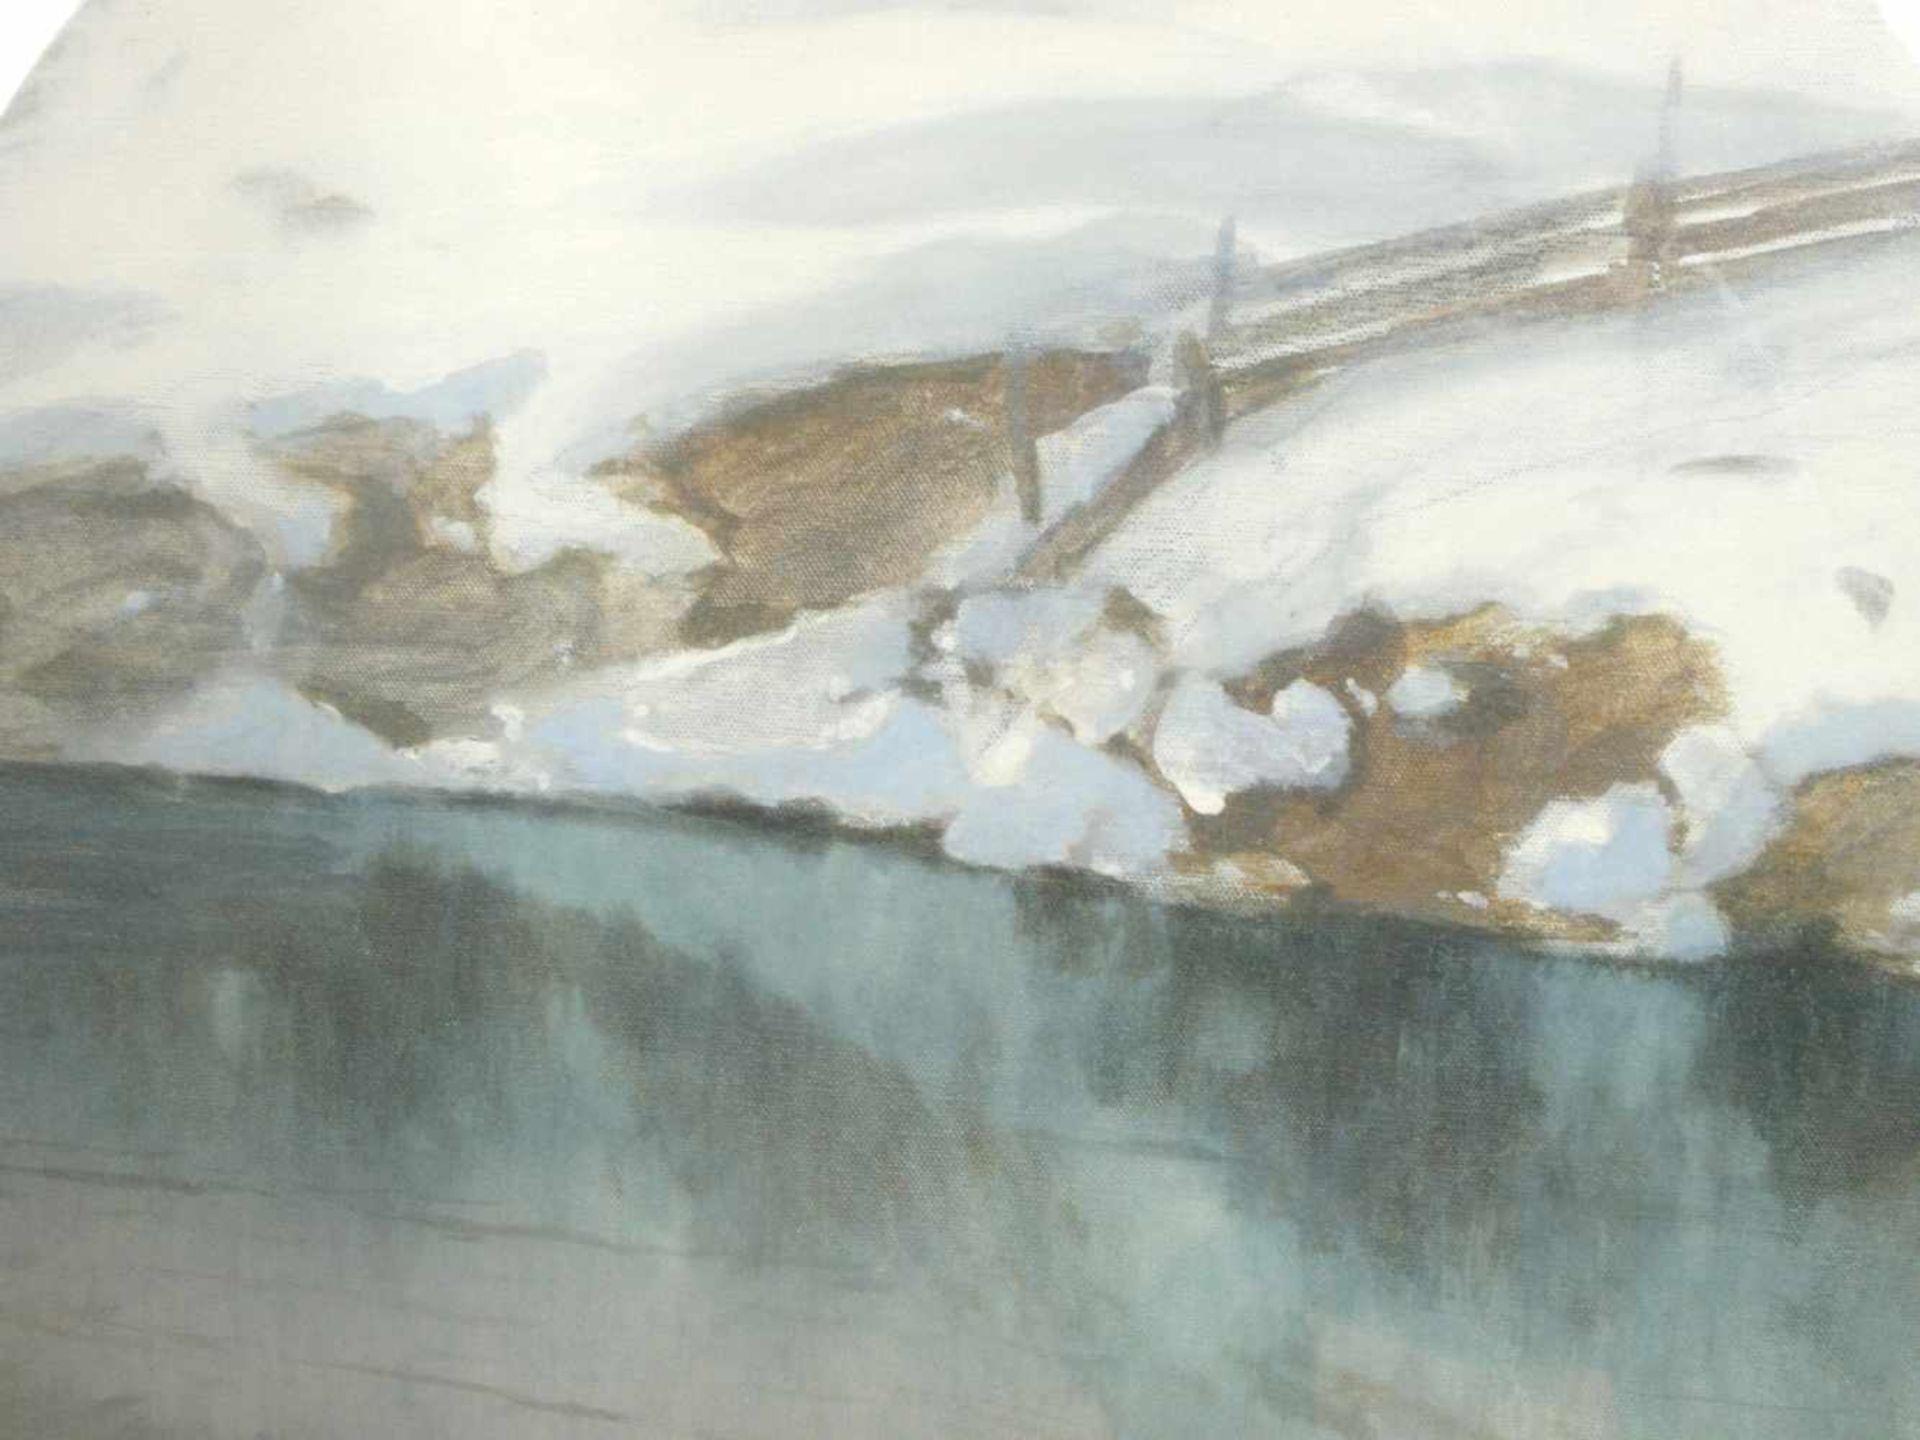 Hans Ritter von Petersen (1850-1914) - SchneeschmelzeIdyllische Winterlandschaft durch die ein - Bild 8 aus 8